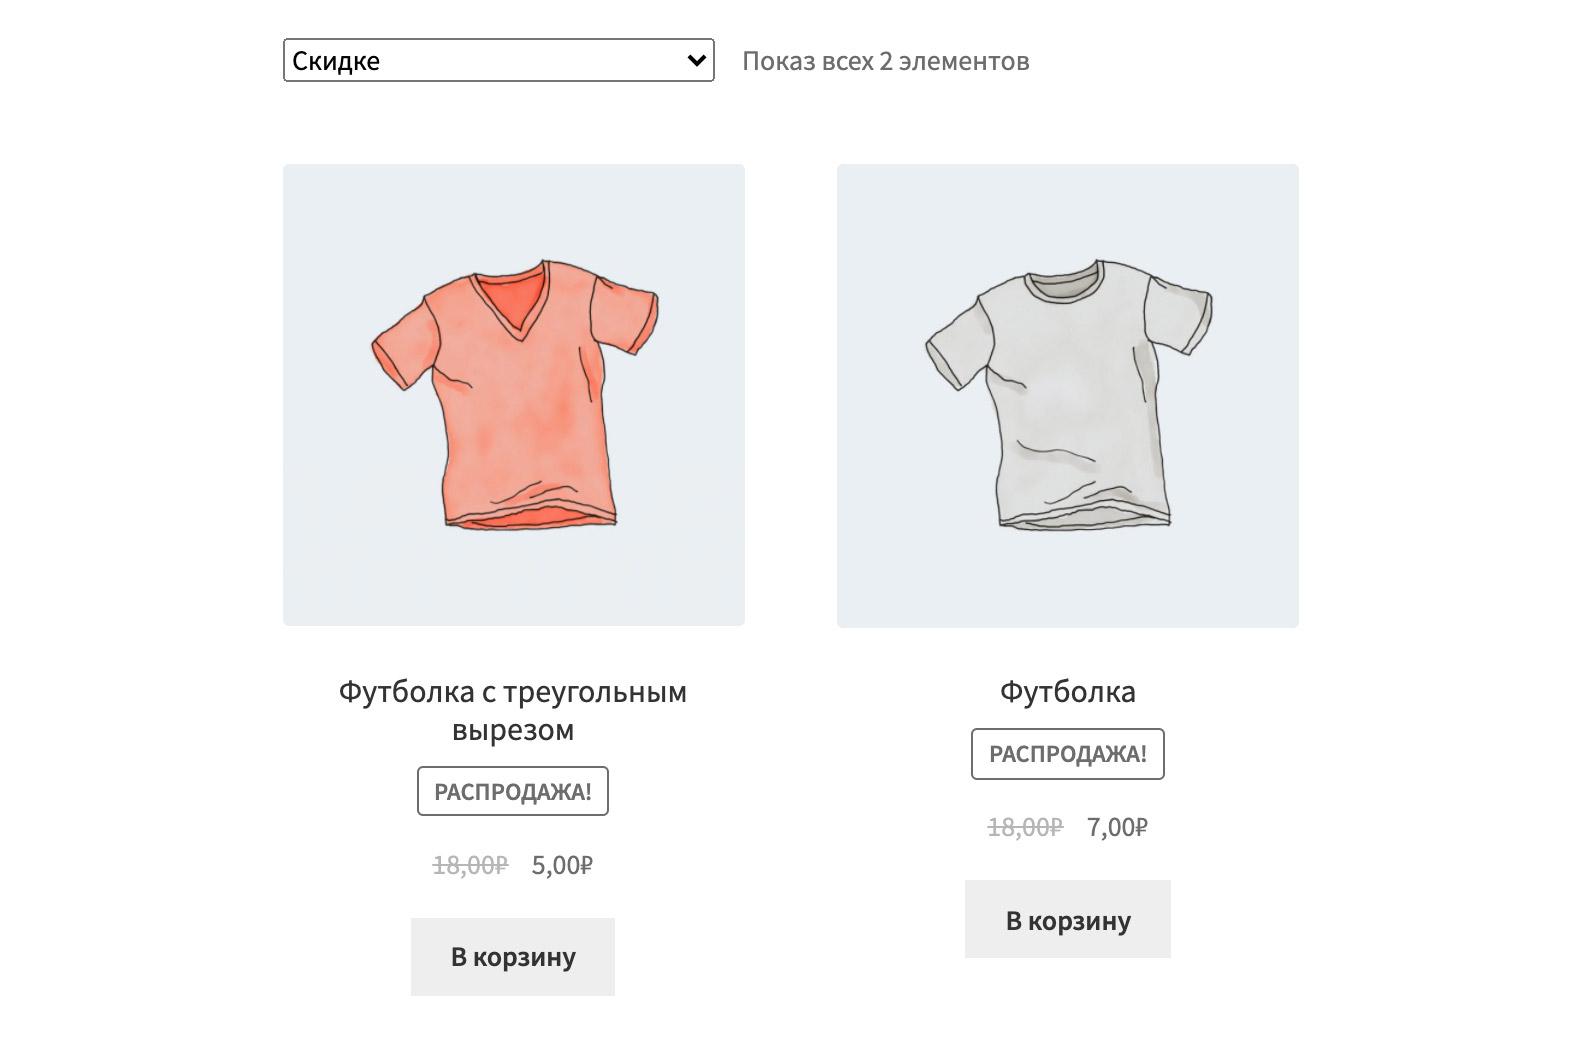 применена сортировка товаров по величине скидки в WooCommerce